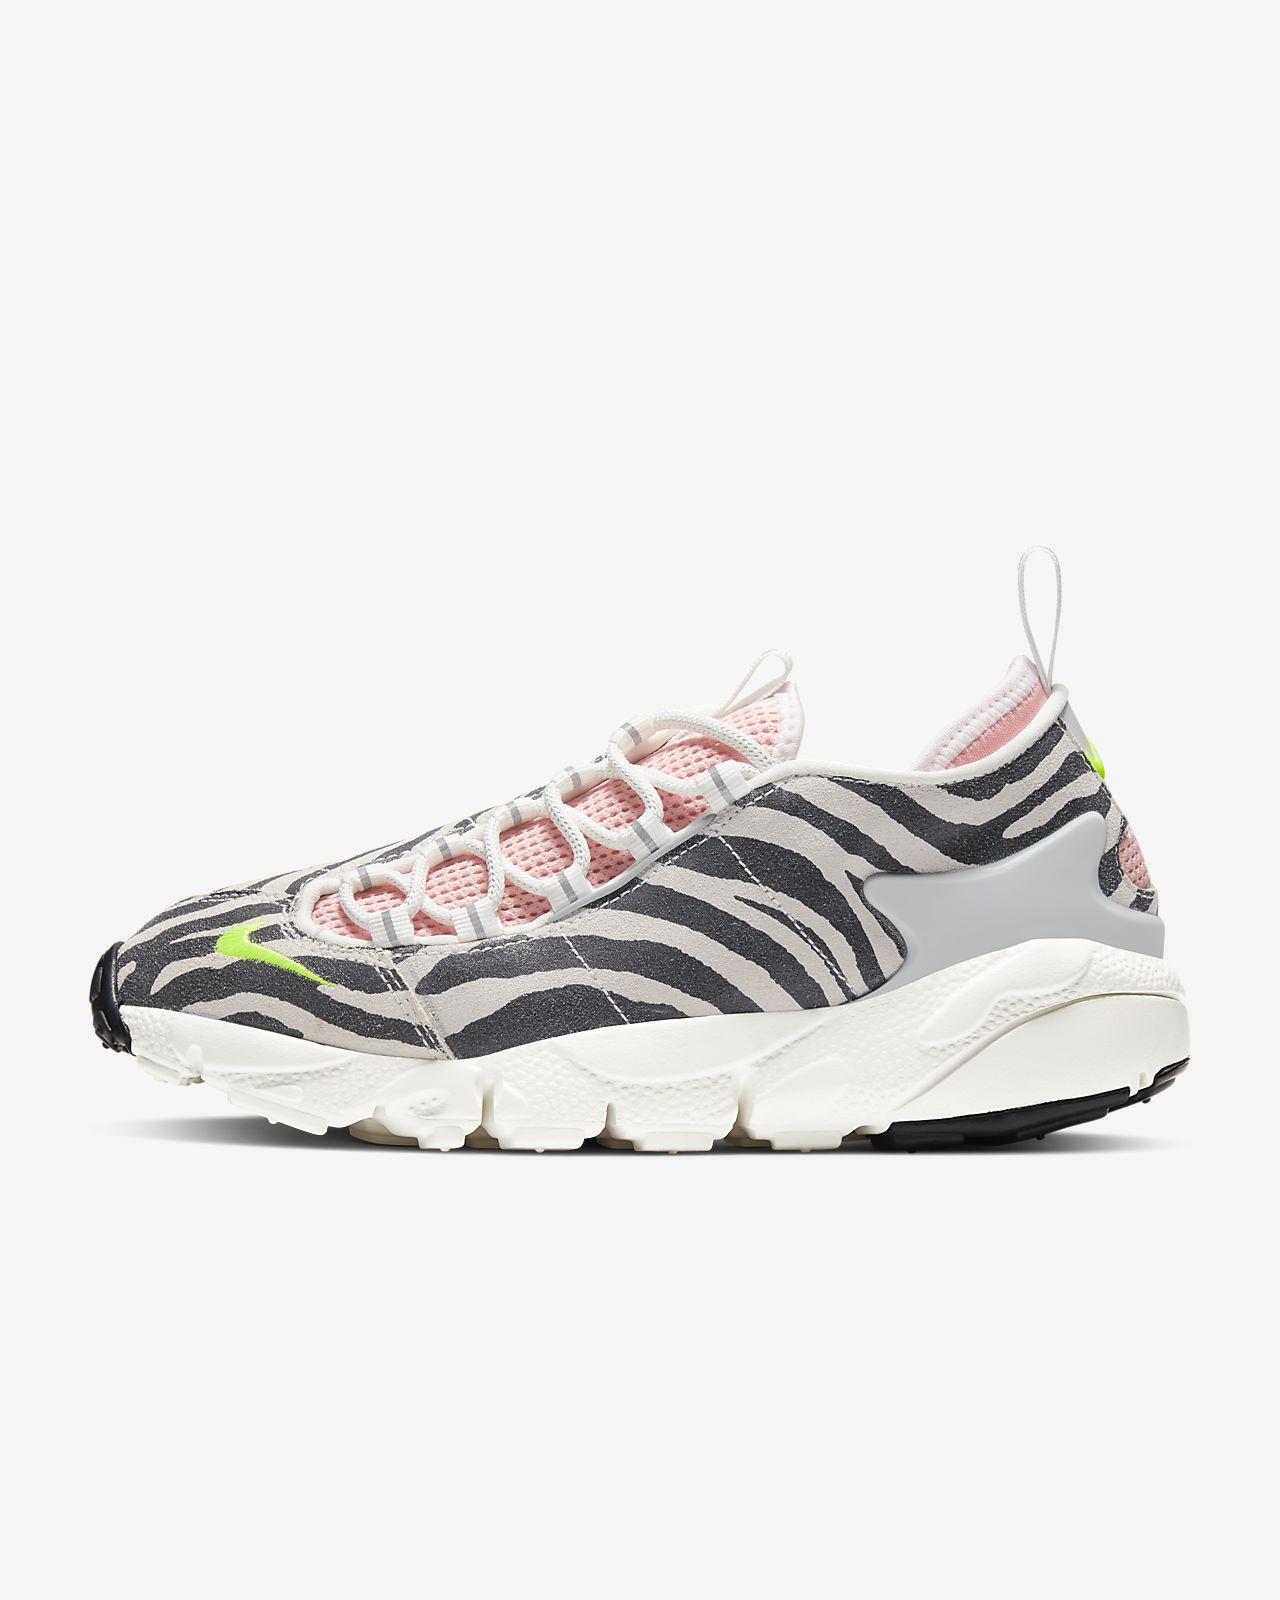 Calzado Nike x Olivia Kim Air Footscape